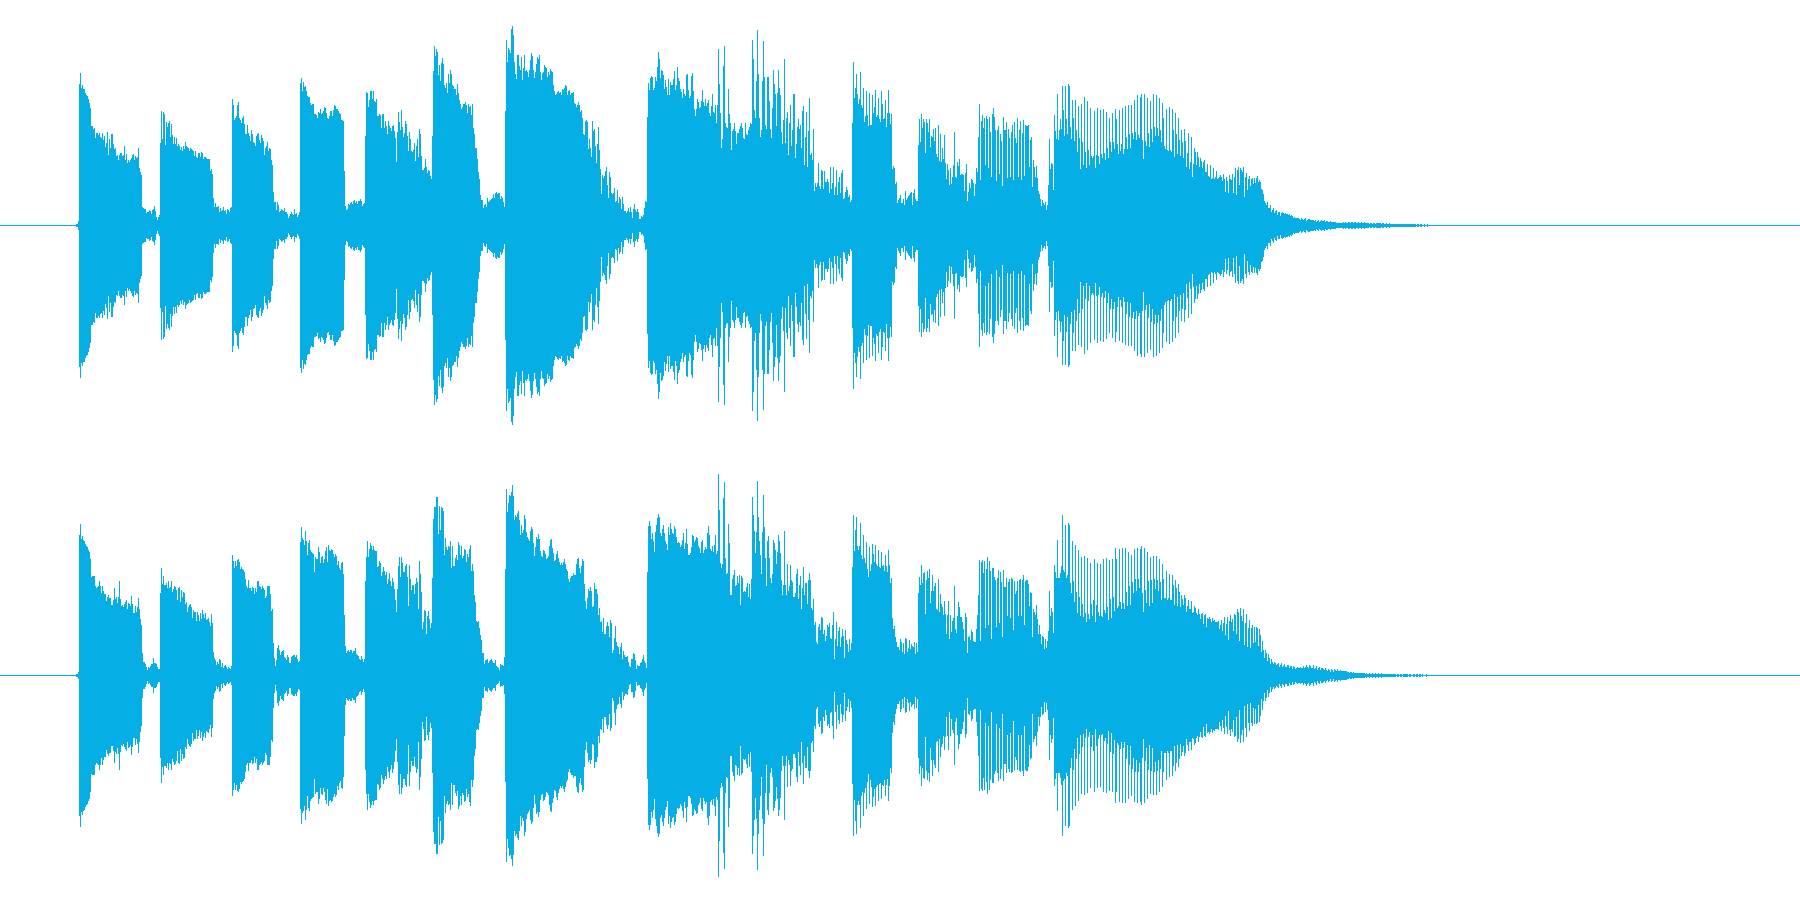 エレキ カントリー切り替え5 一件落着の再生済みの波形